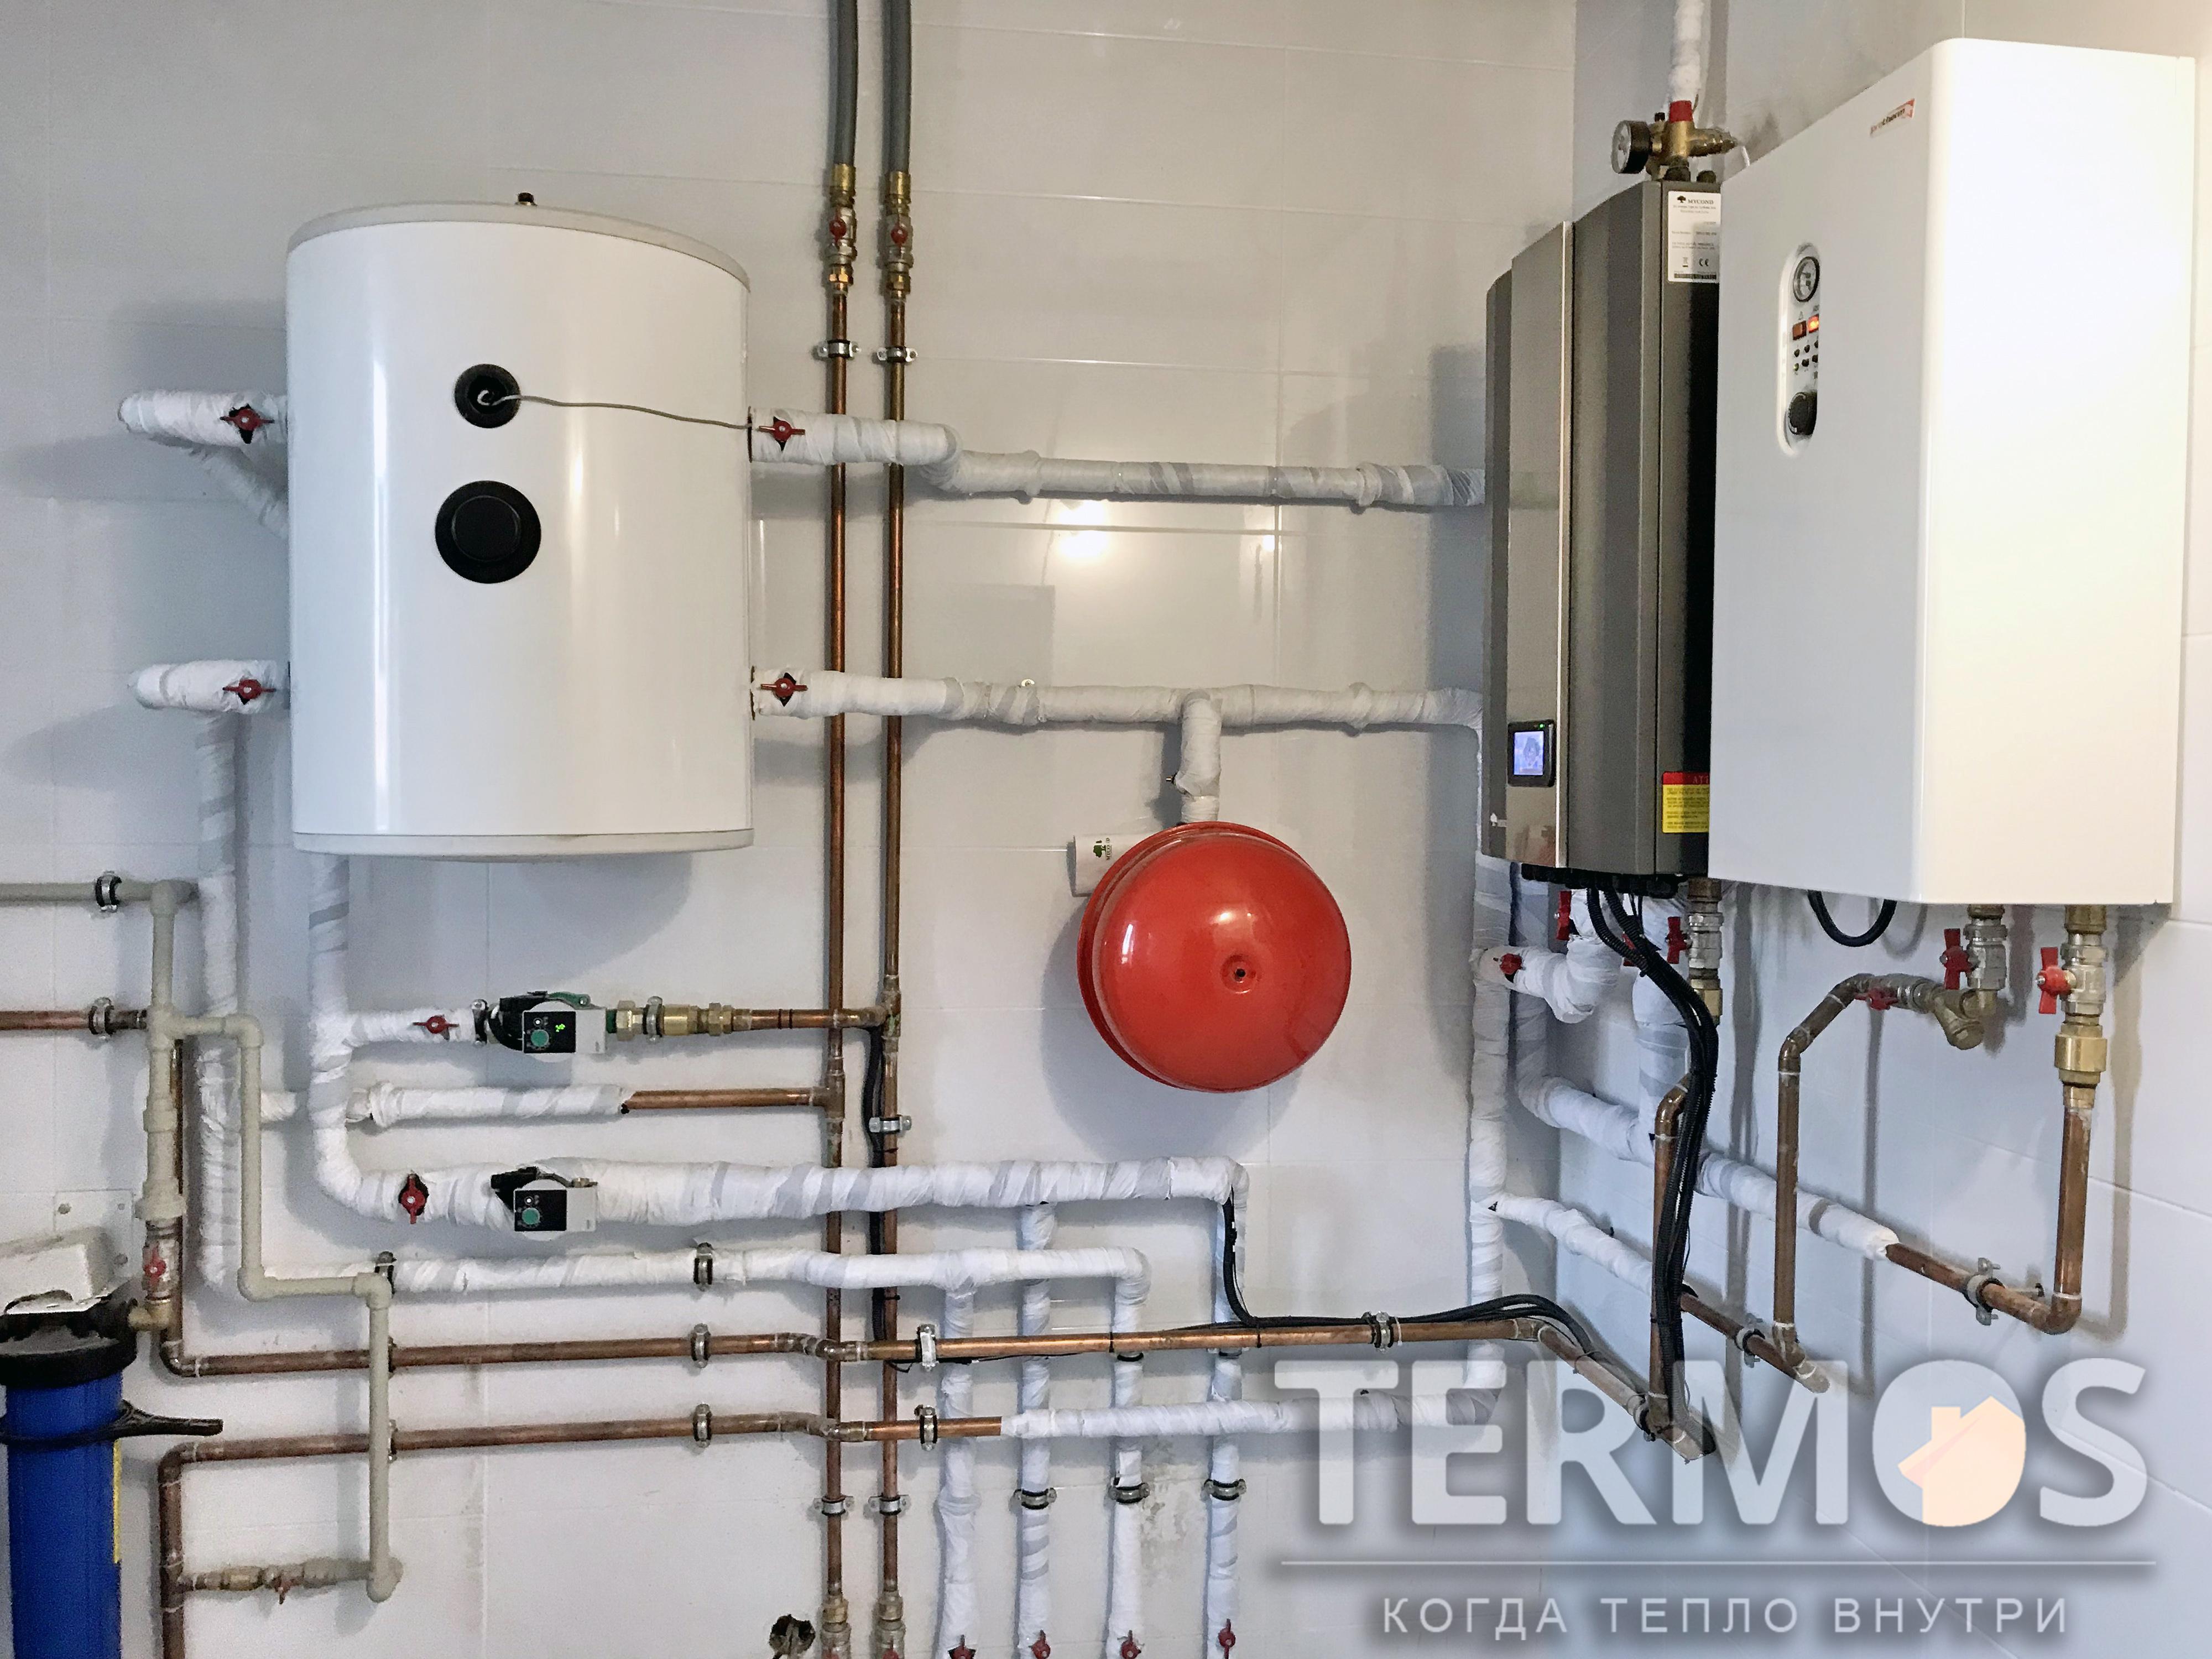 Отопление производится контуром радиаторов и контуром теплого пола в погодозависимом режиме